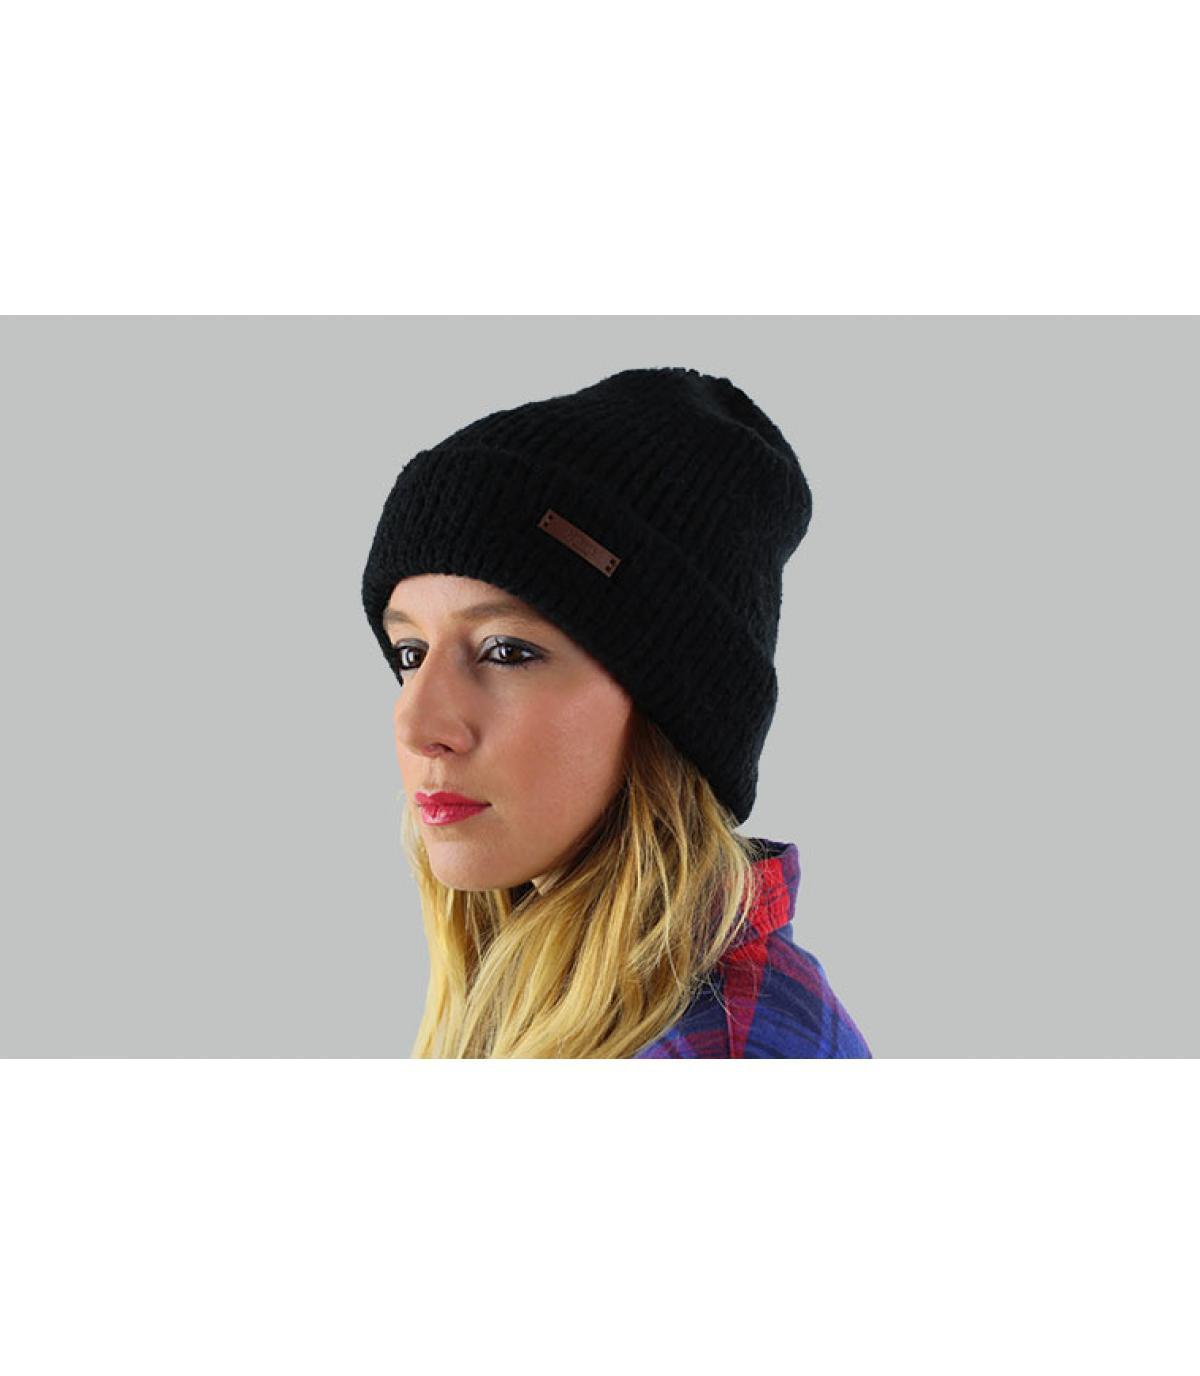 bonnet noir revers barts